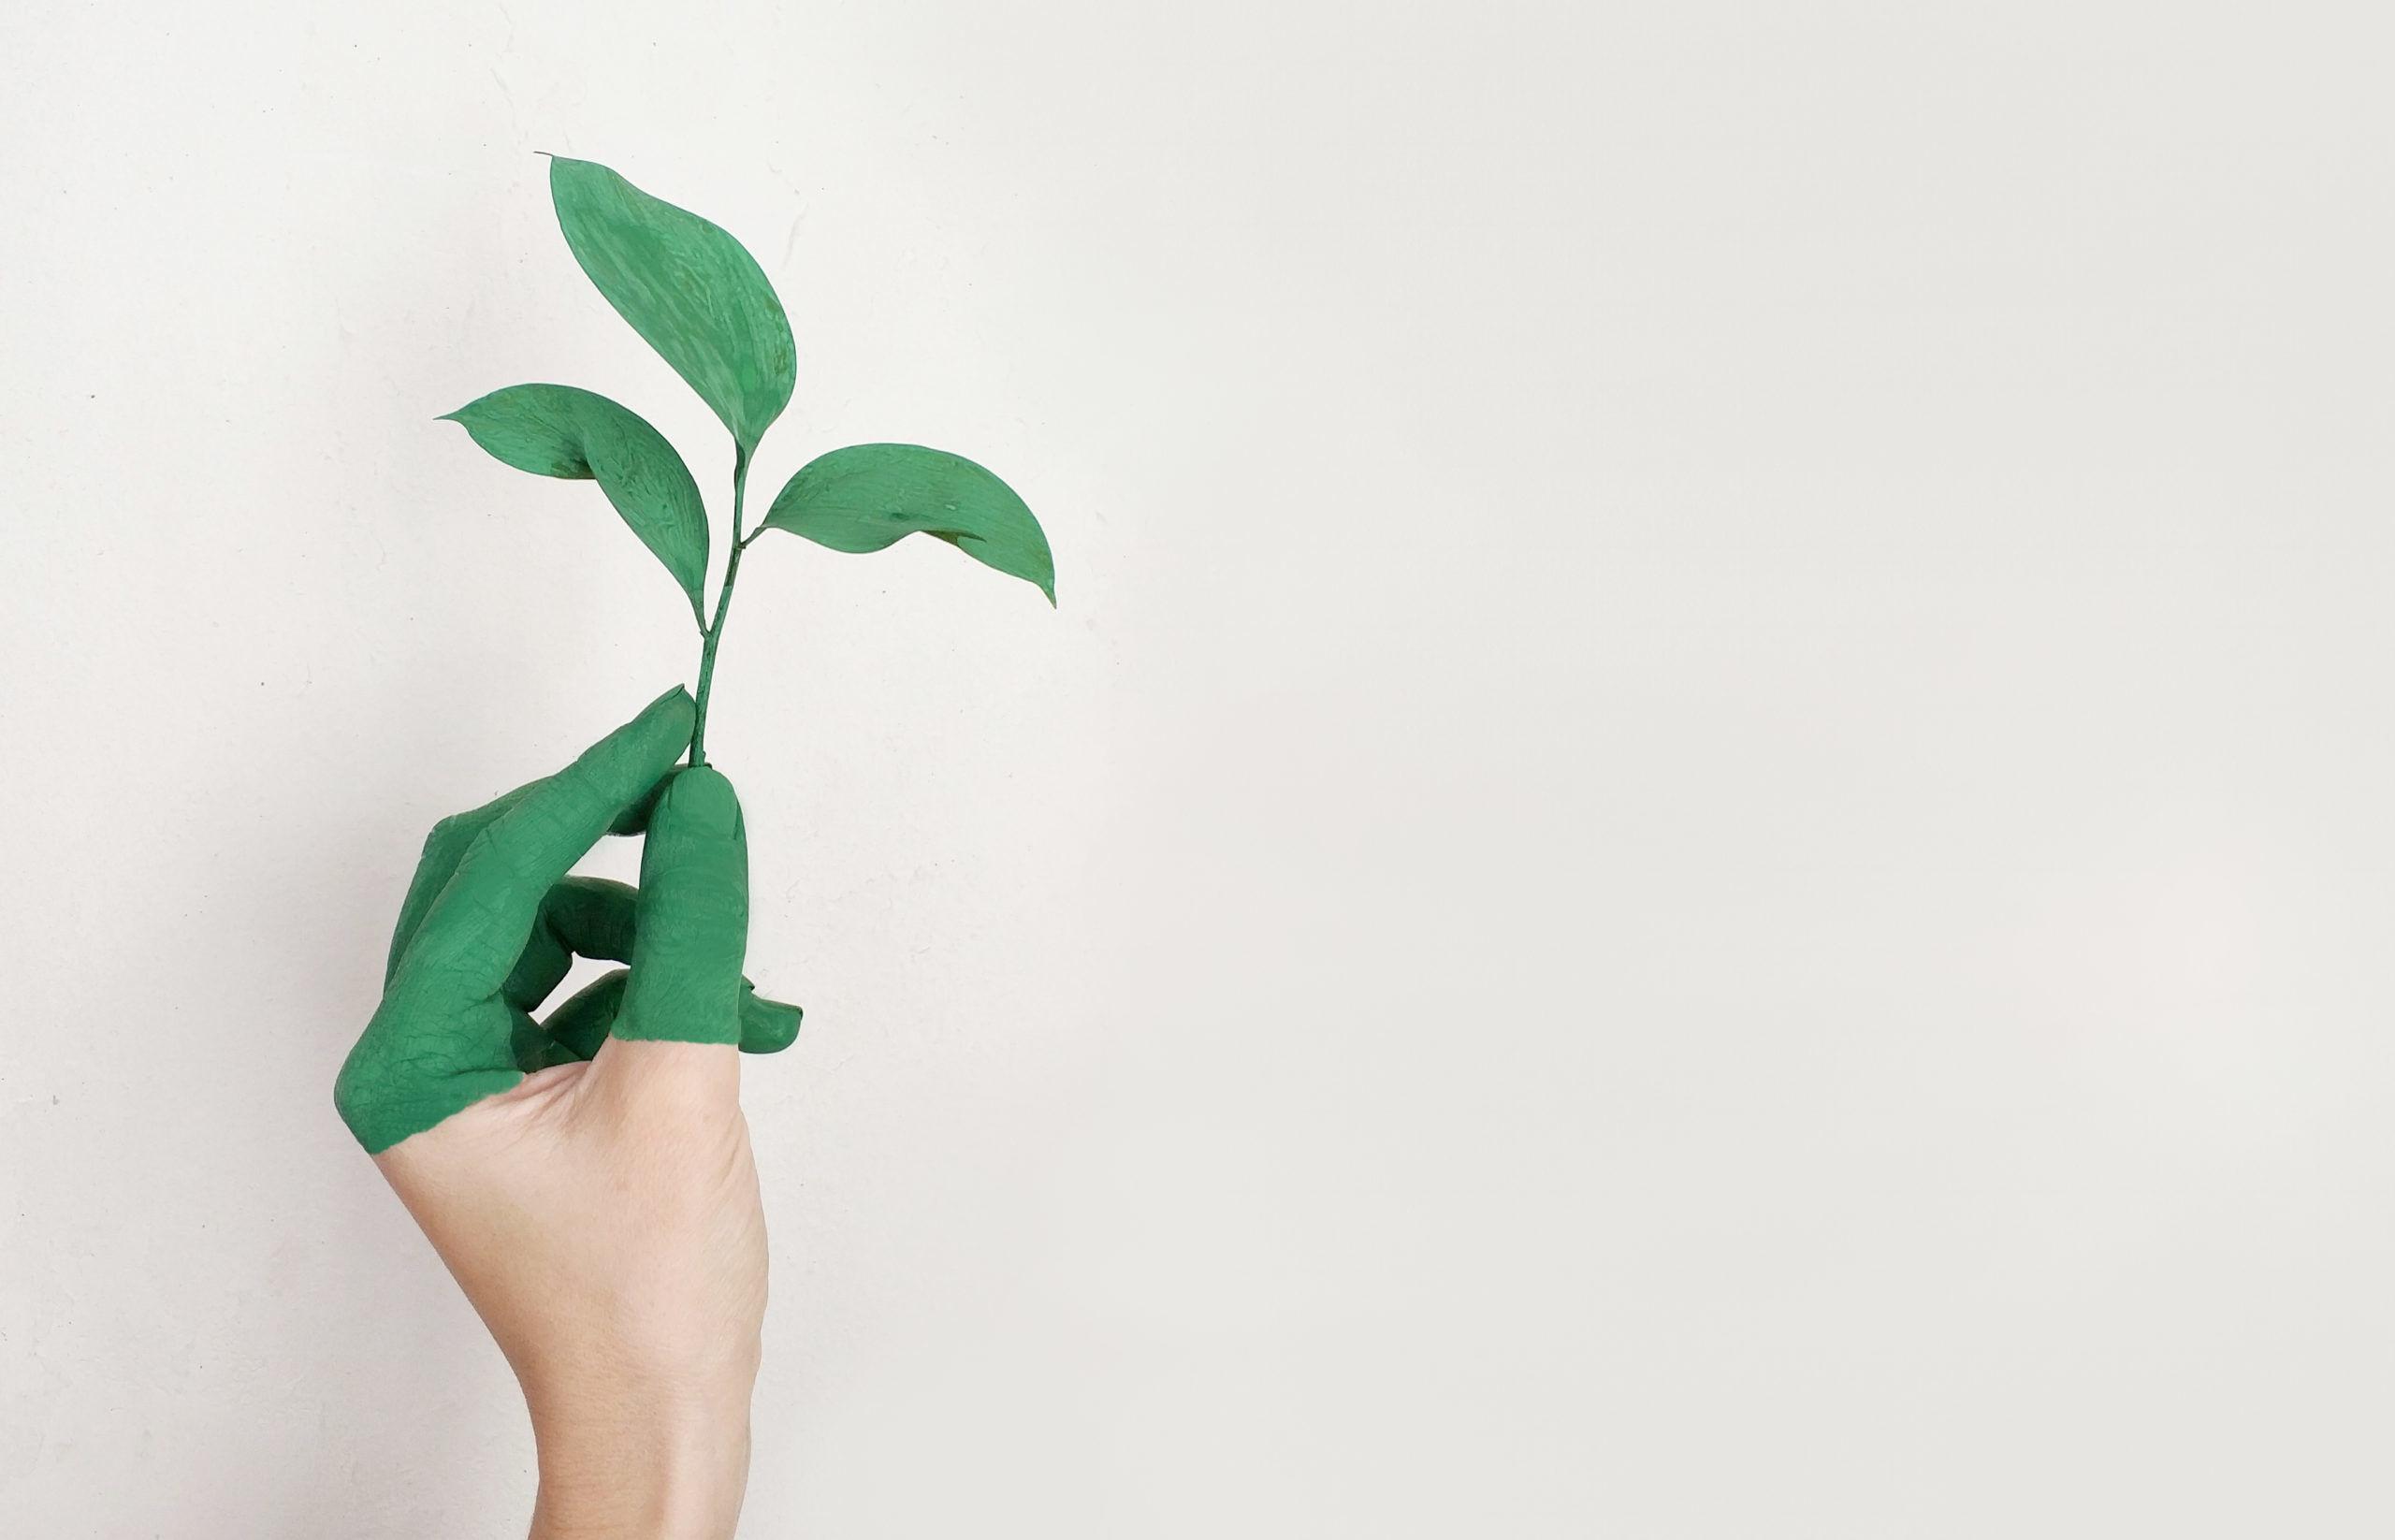 4sustainability greenwashing scaled